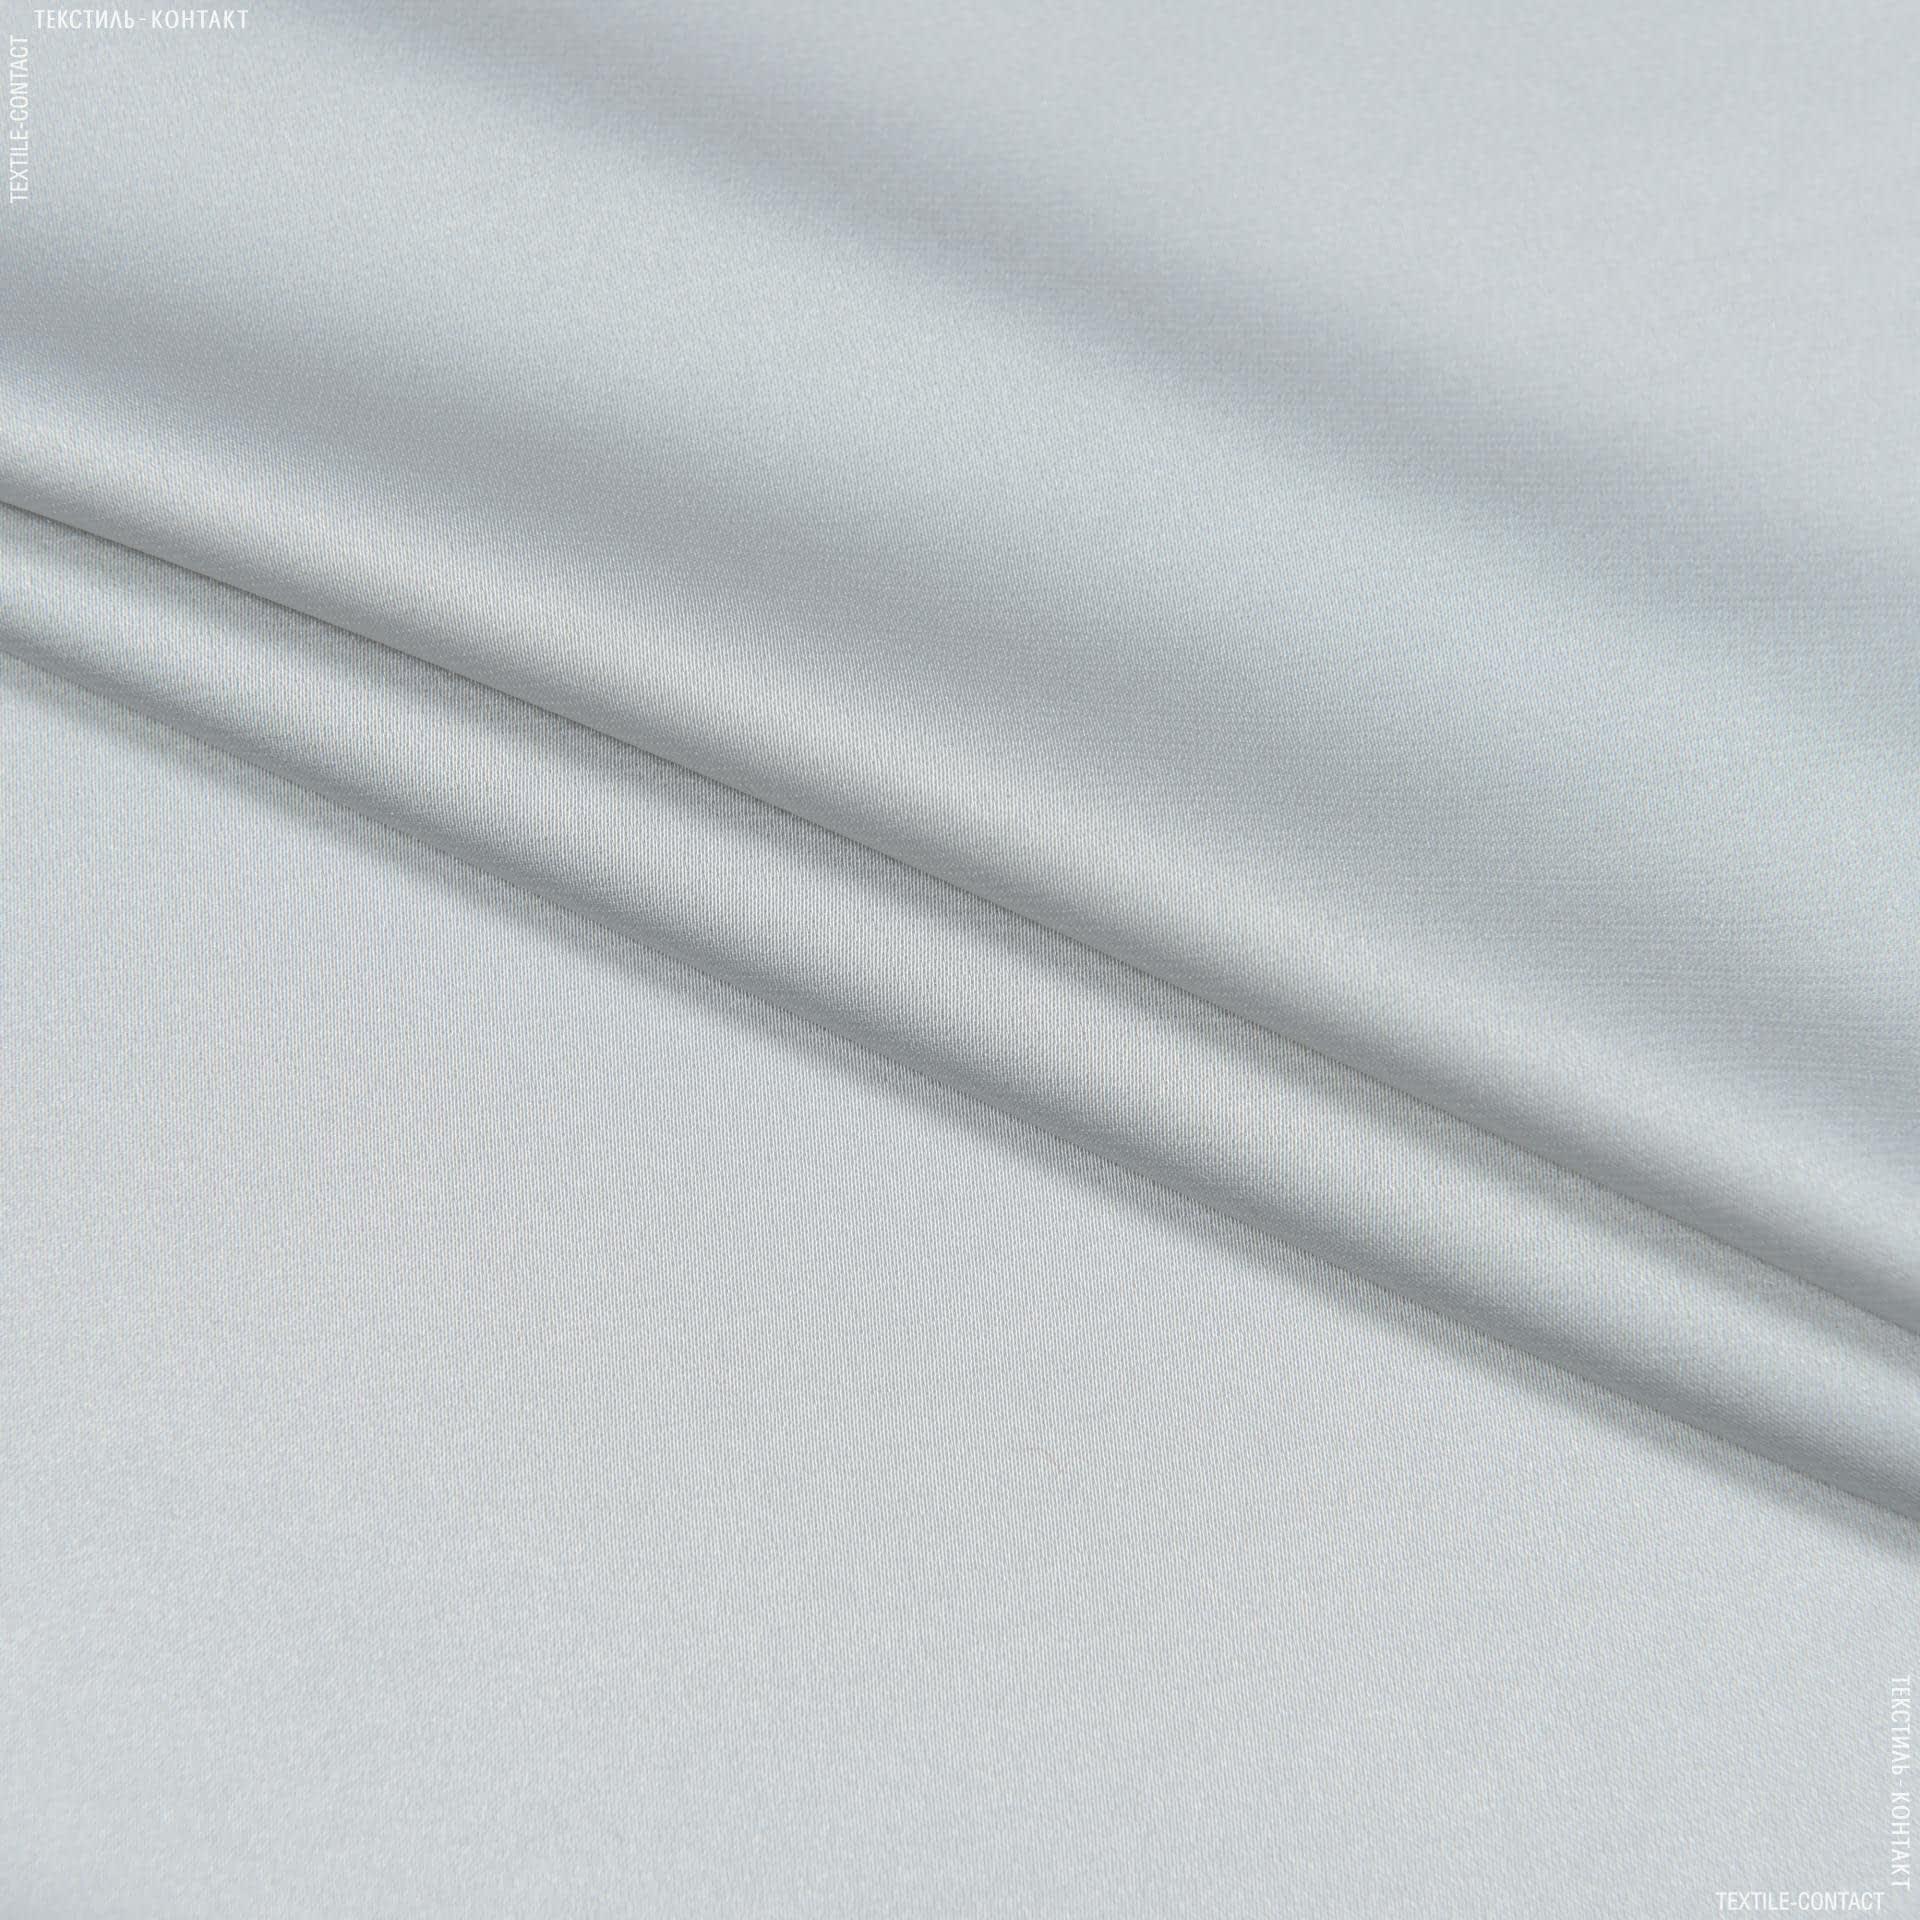 Тканини для хусток та бандан - Шовк штучний стрейч світло-сірий